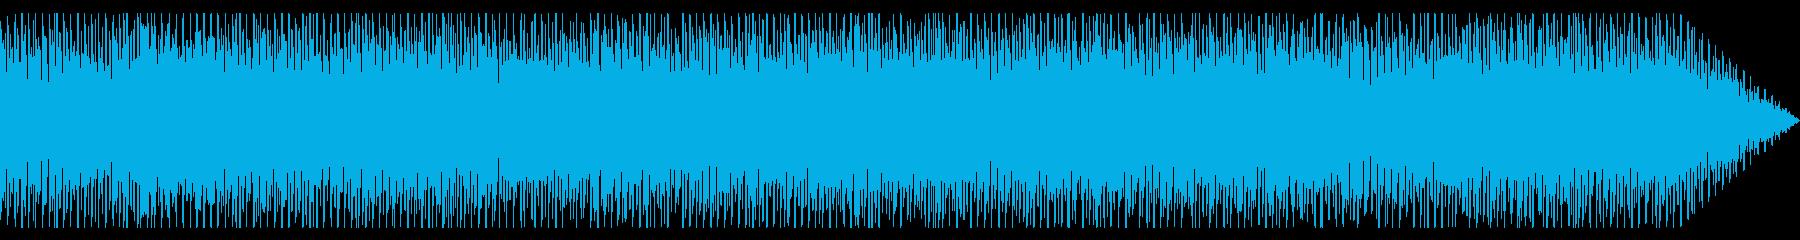 近未来的なエレクトロニカの再生済みの波形